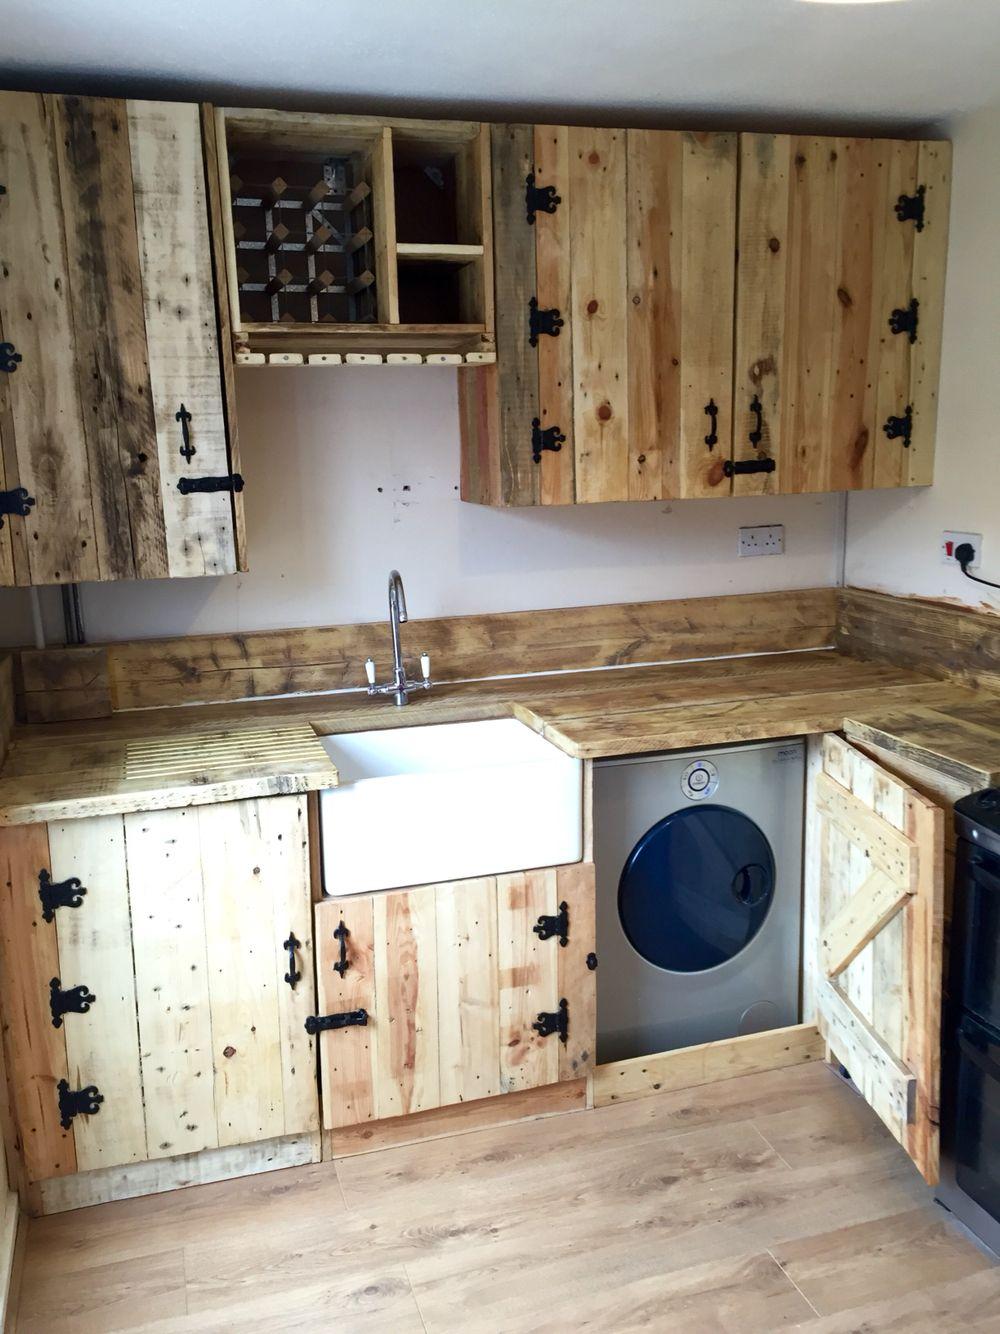 Full Size of Pallet Kitchen All Finished Rustikale Kchenschrnke Spritzschutz Küche Plexiglas Laminat In Der Pentryküche Landhaus Hängeregal Modul Kaufen Tipps Buche Wohnzimmer Paletten Küche